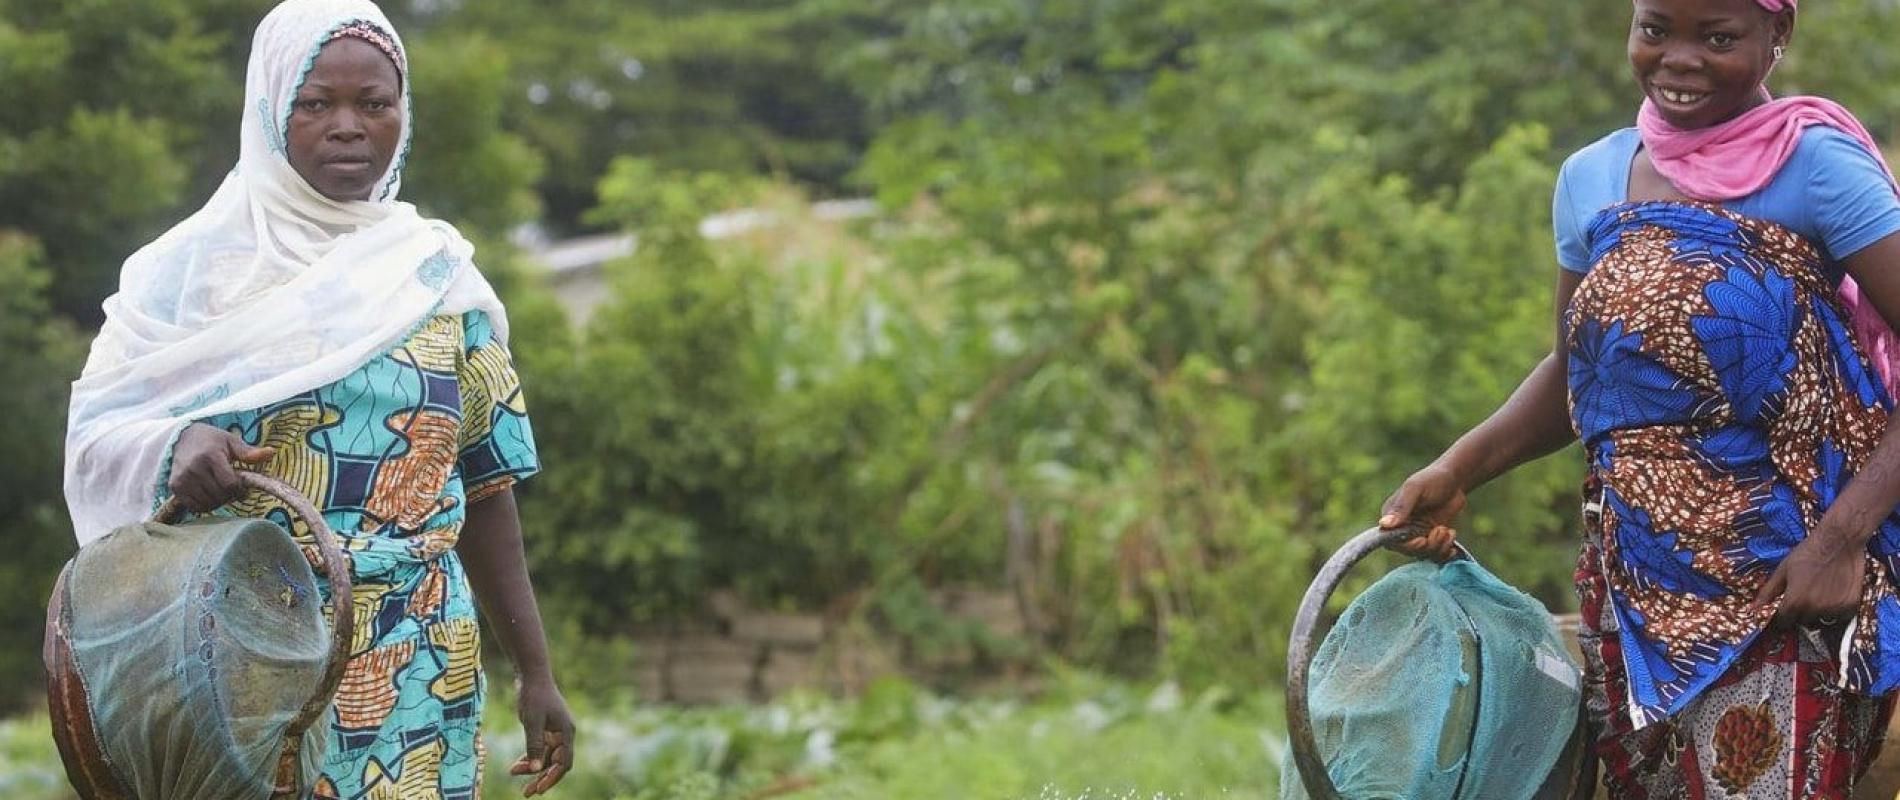 Waterondernemers in benin 23